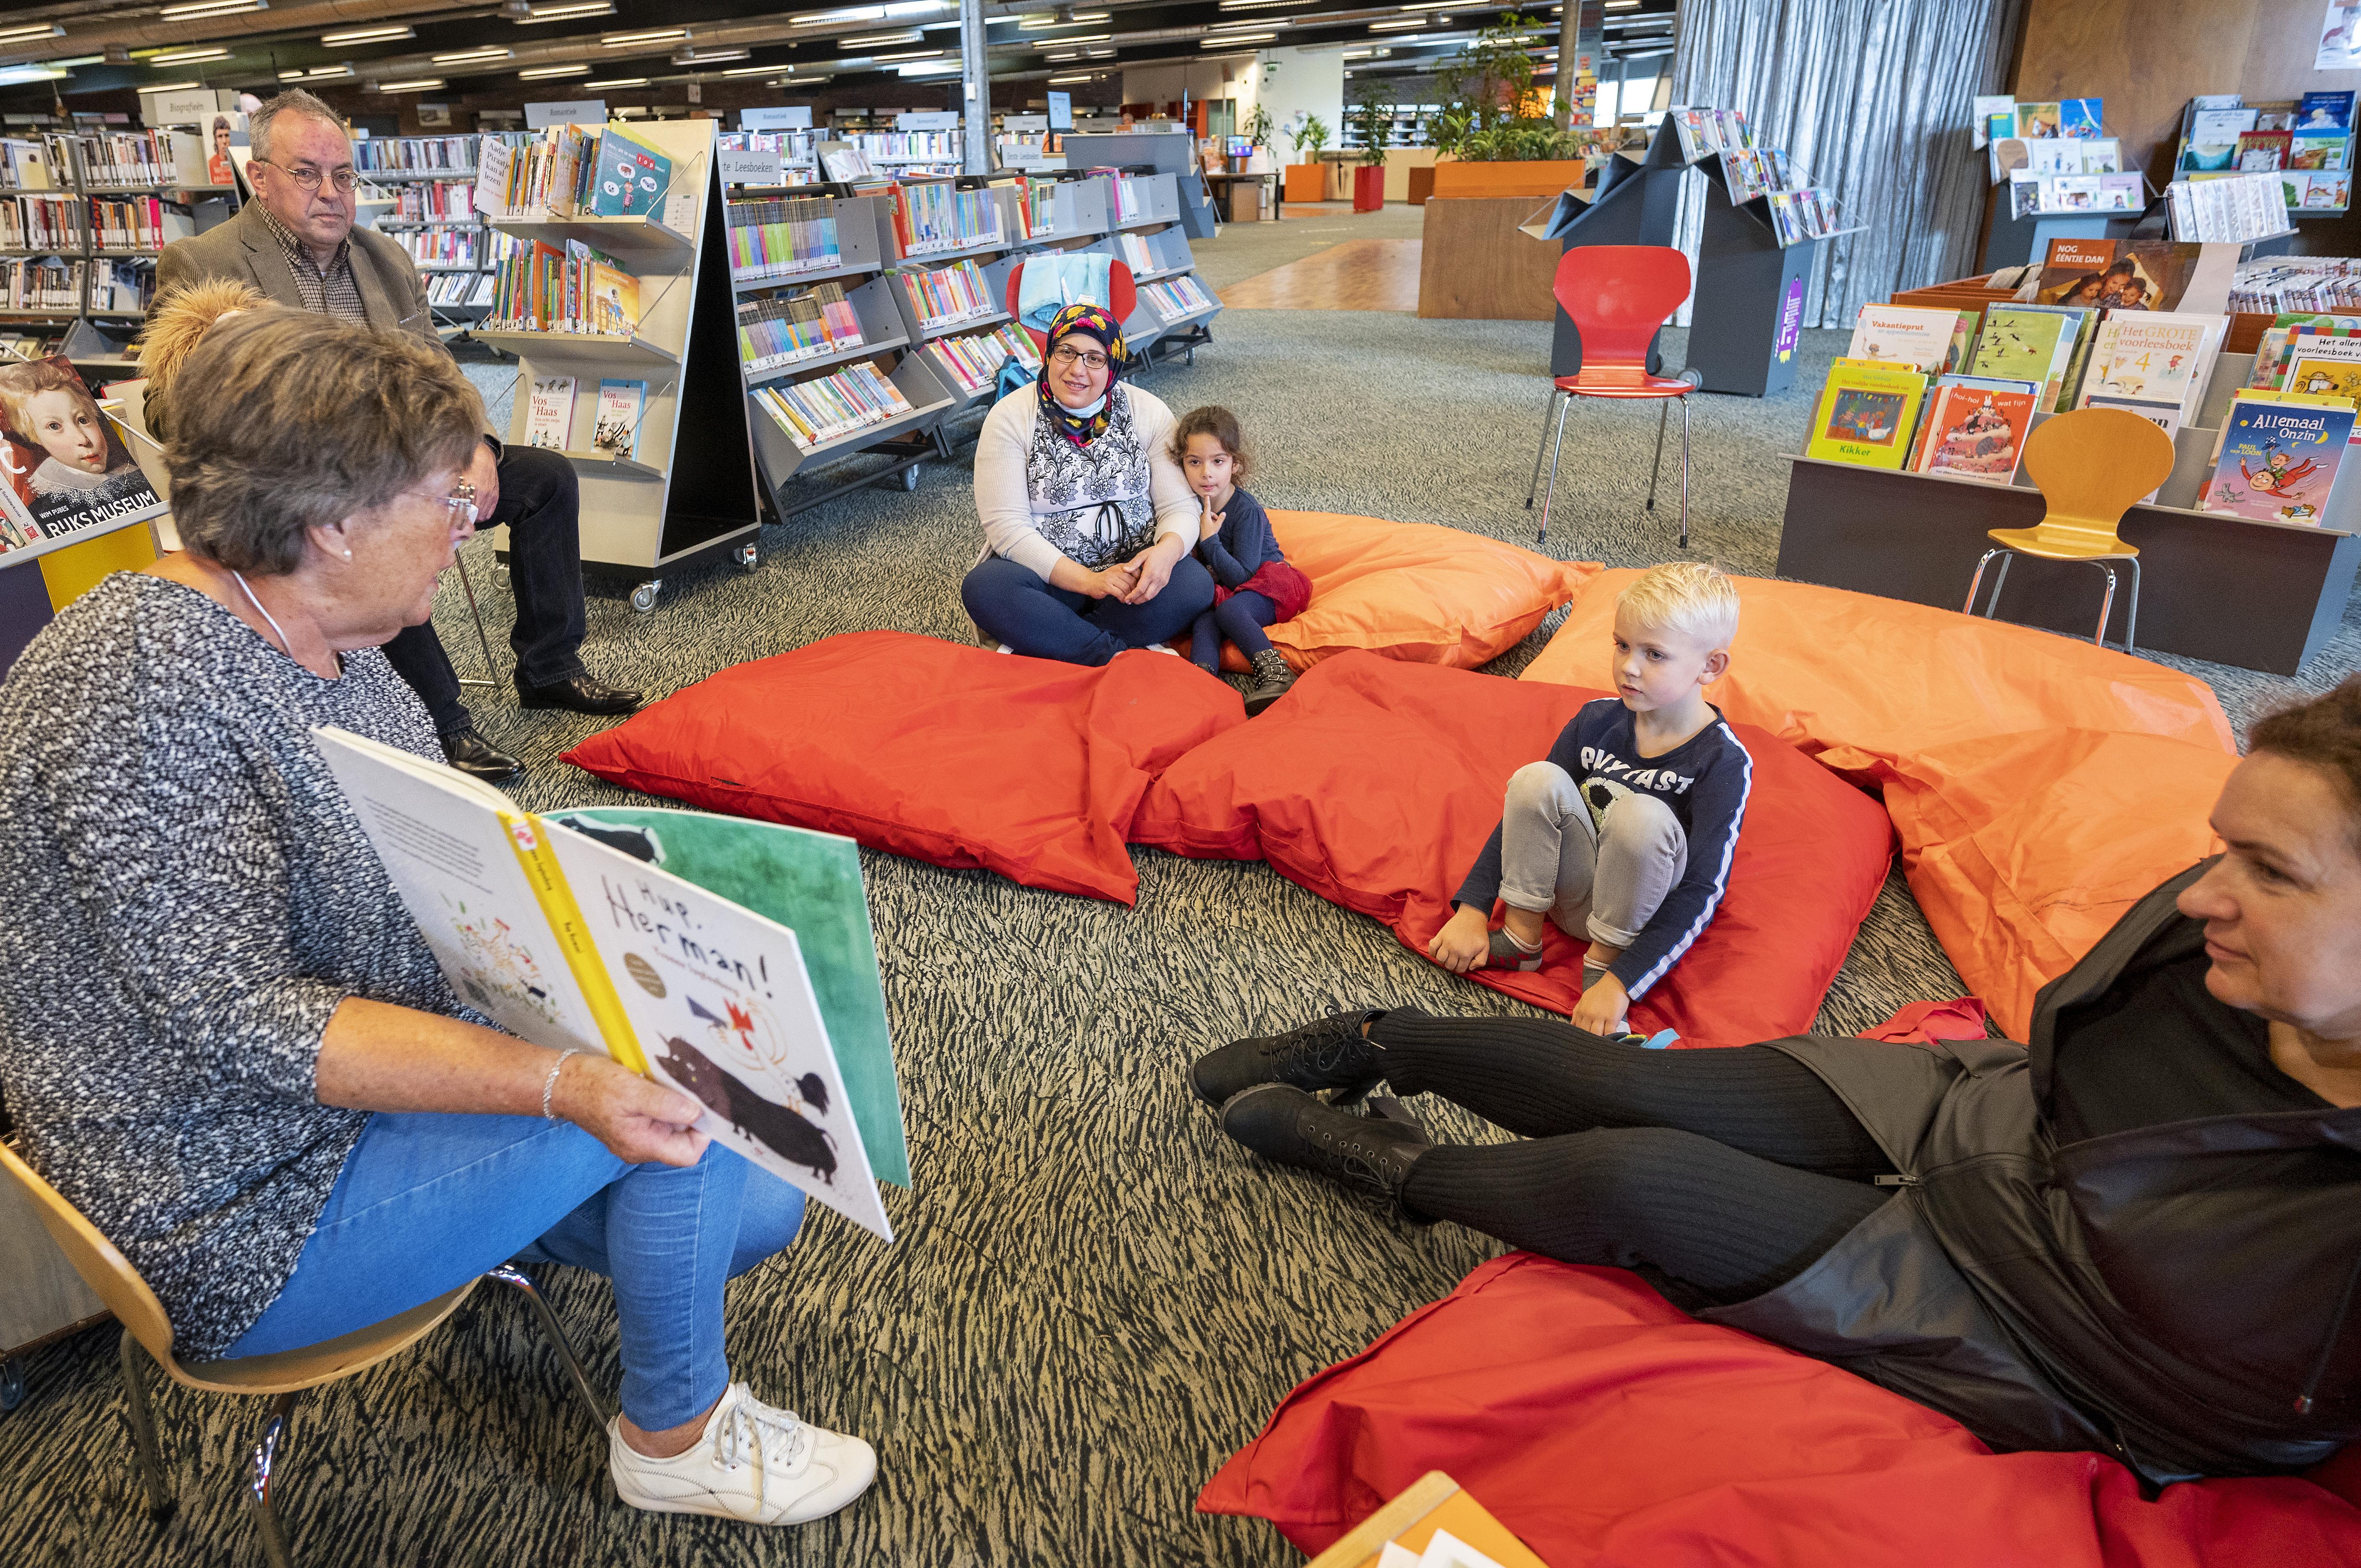 Bibliotheken in Velsen krijgen gezelschap van andere organisaties: Het wordt een bibliotheek plus